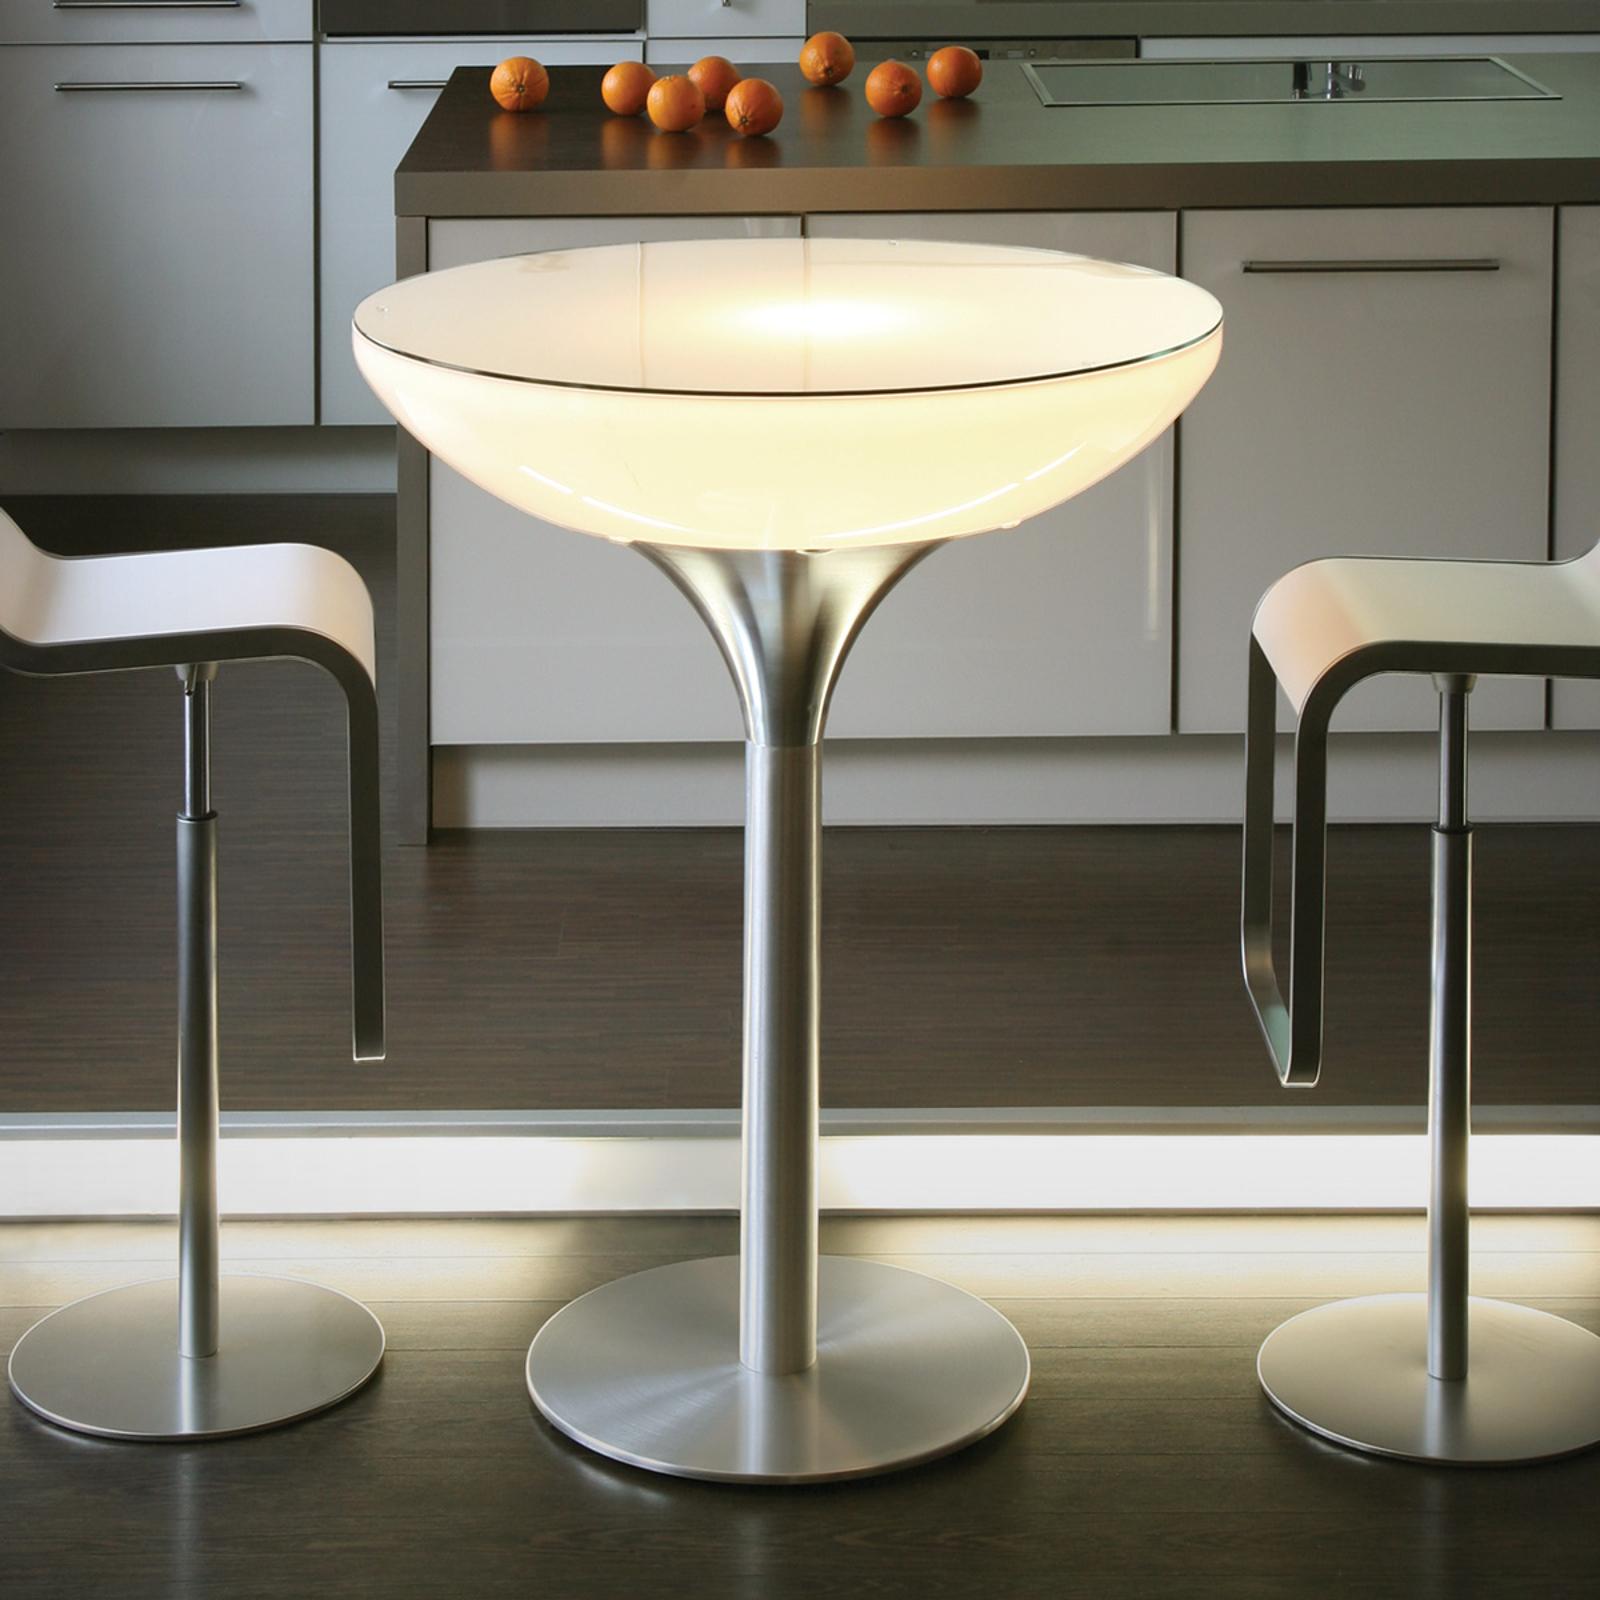 Leuchttisch Lounge Table Indoor H 105 cm